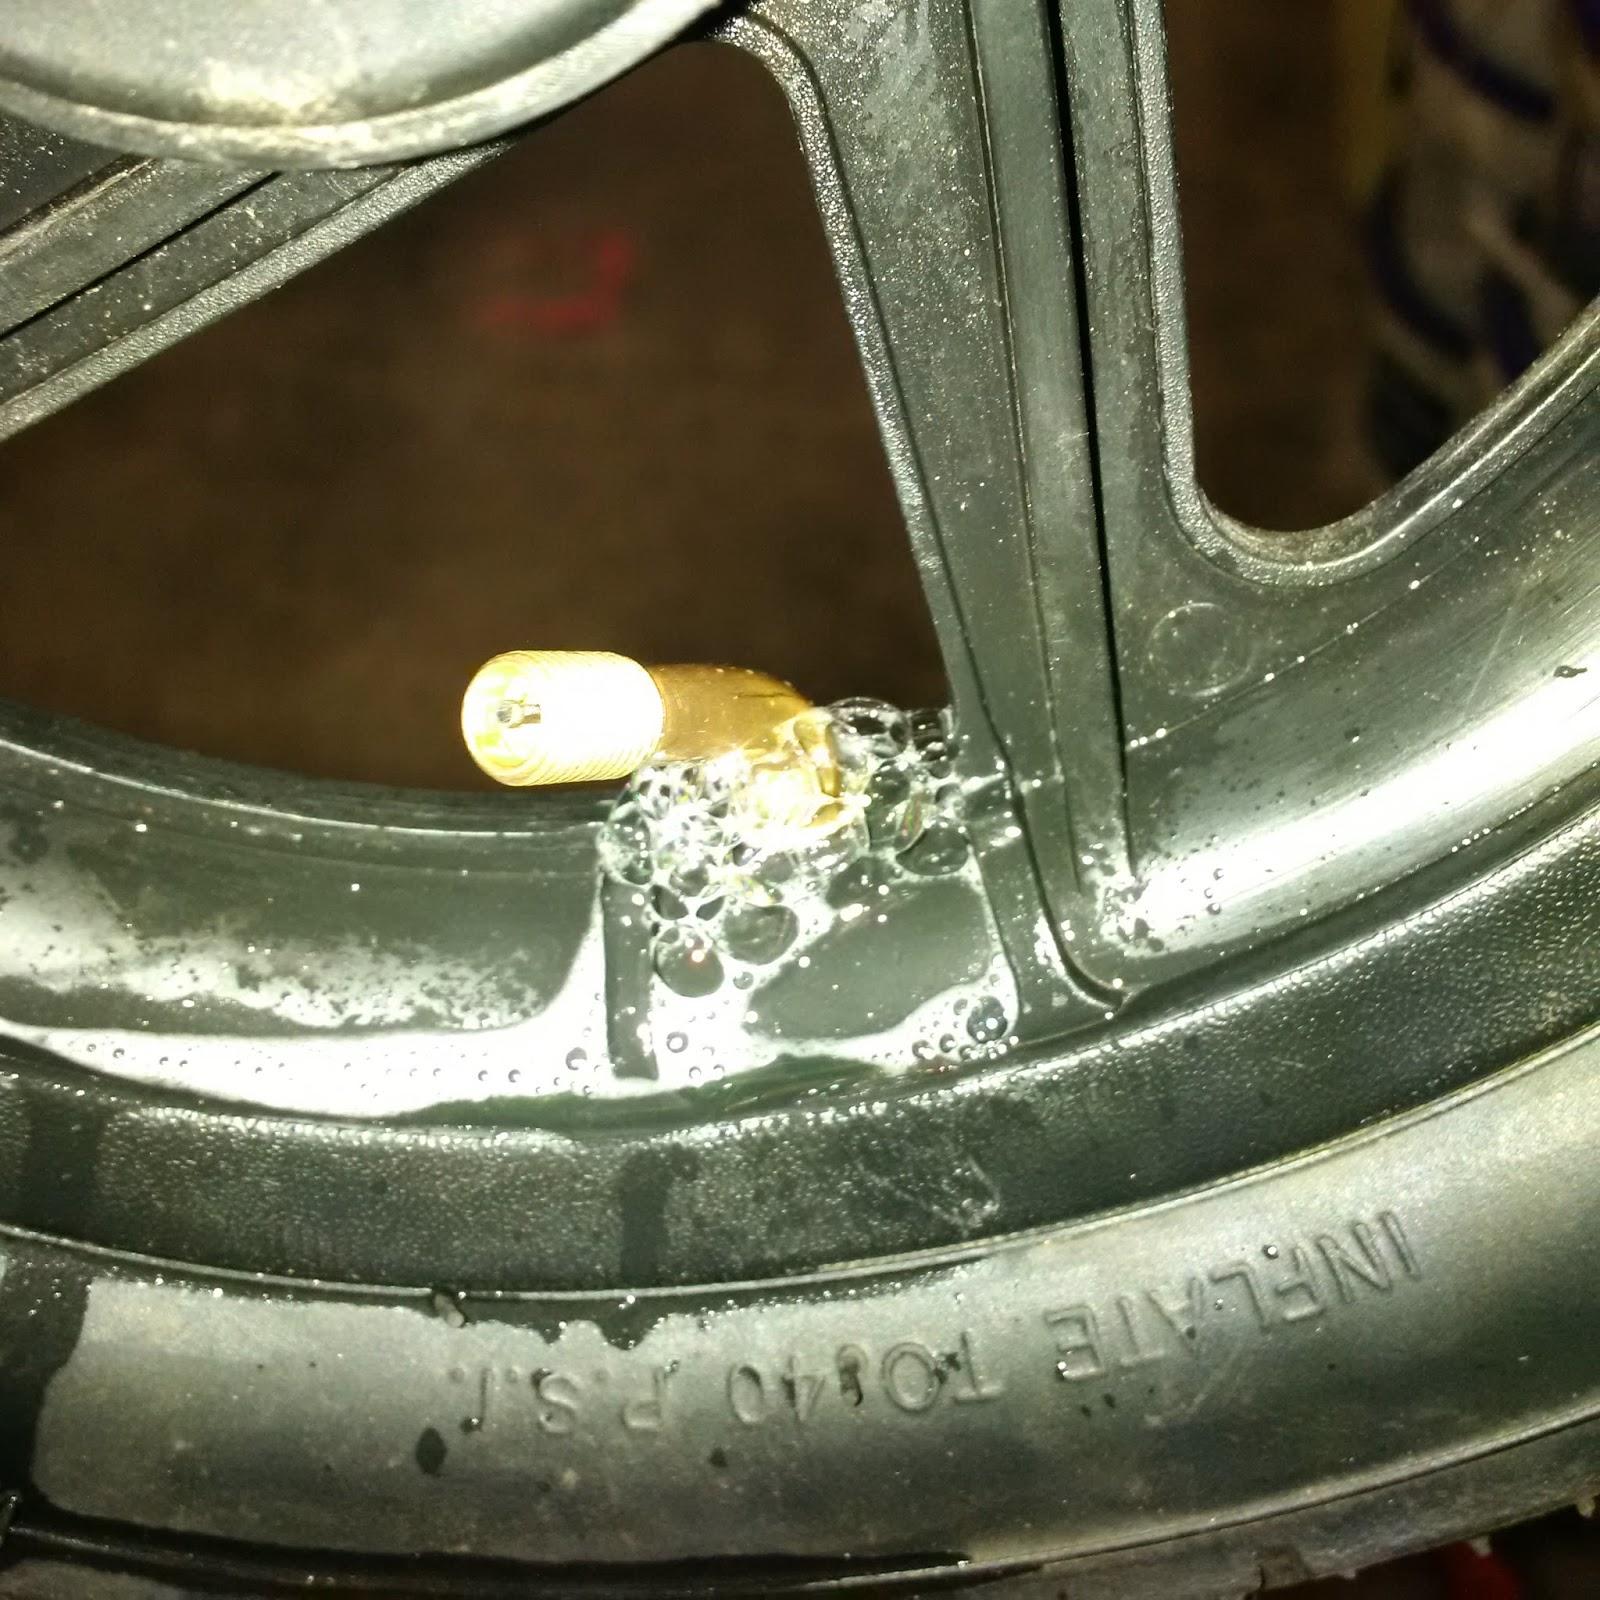 Fix Tire Leak Around Rim